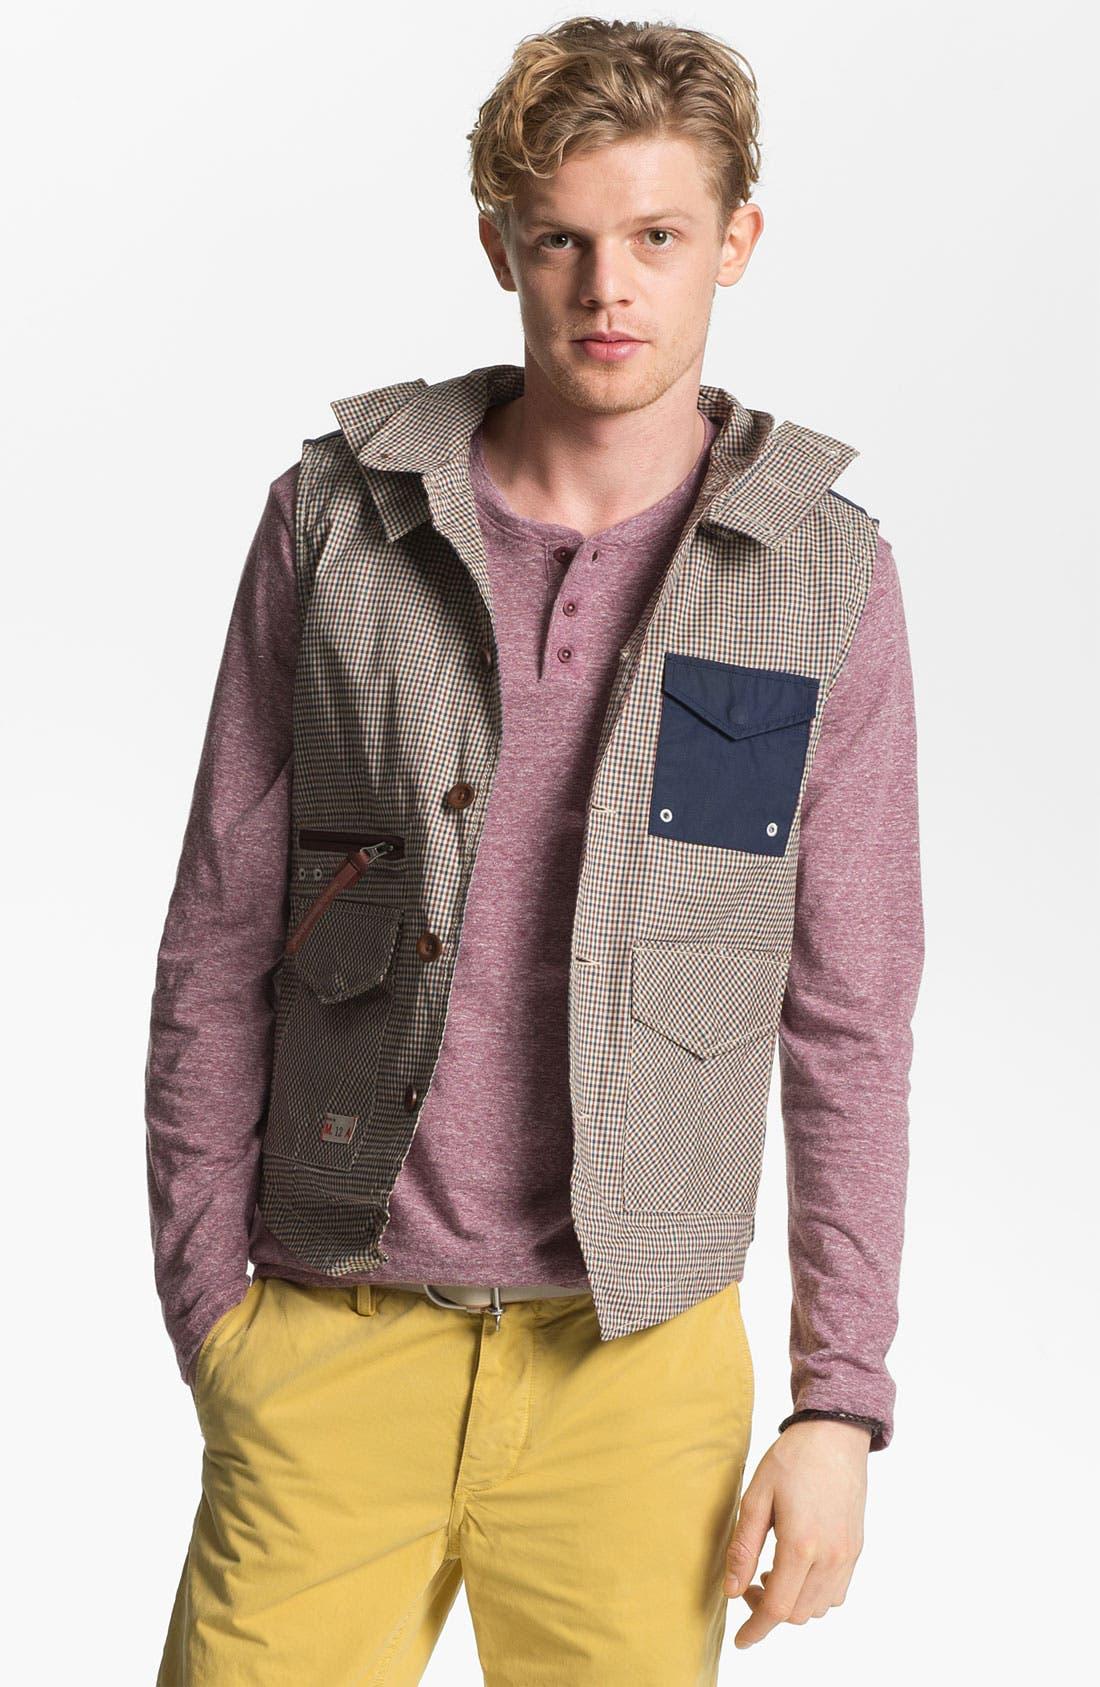 Alternate Image 1 Selected - Marshall Artist Hiking Waistcoat Vest